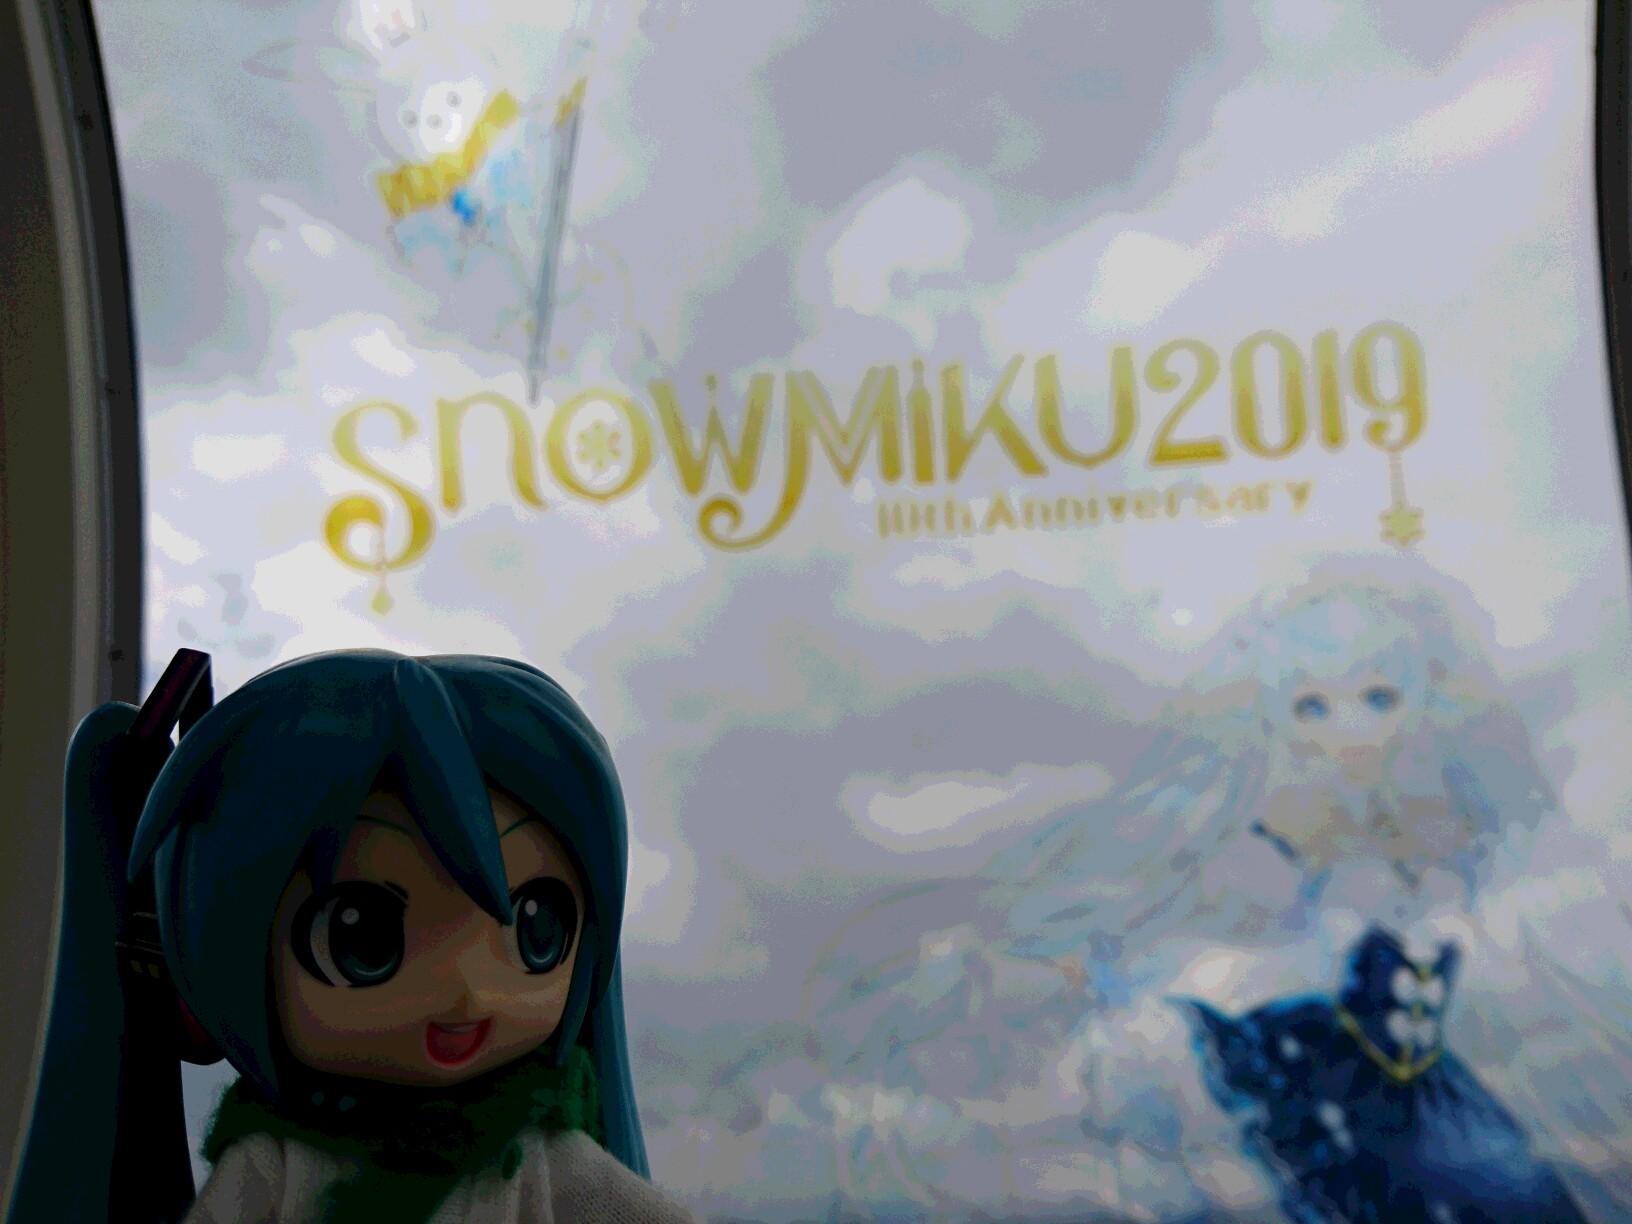 朝ノルベサ雪のお姫さま。